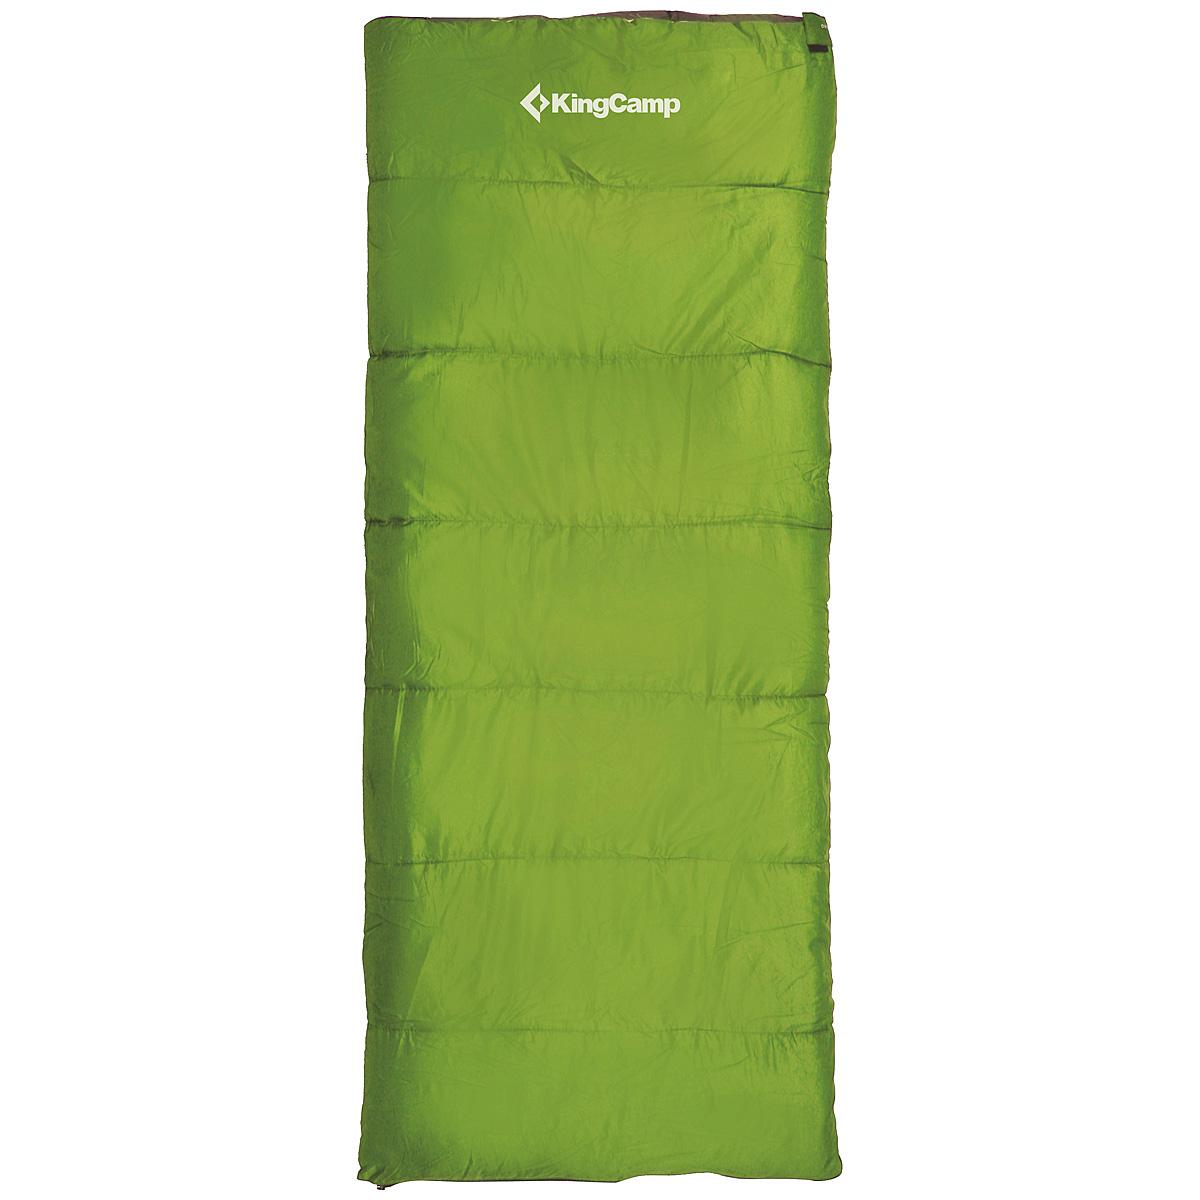 Спальный мешок-одеяло KingCamp OXYGEN, цвет: зеленый. ks3122010-01199-23Комфортный спальник-одеяло имеет прямоугольную форму и одинаковую ширину как вверху, так и внизу, благодаря чему ноги чувствуют себя более свободно. Молния располагается на боковой стороне, благодаря чему при её расстёгивании спальник превращается в довольно большое одеяло. Характеристики:Размер спального мешка с учетом подголовника: 180 см х 75 см. Утеплитель: четырехканальное волокно Hollowfibre (Comfort Loft), 200 г/м2. Внешний материал:полиэстер 190Т W/P. Внутренний материал: 100% полиэстер. Экстремальная температура: 8°C. Температура комфорта: 12°C...18°С. Вес: 0,92 кг. Изготовитель:Китай. Размер в сложенном виде: 35 см х 19 см х 19 см. Артикул:KS3122.